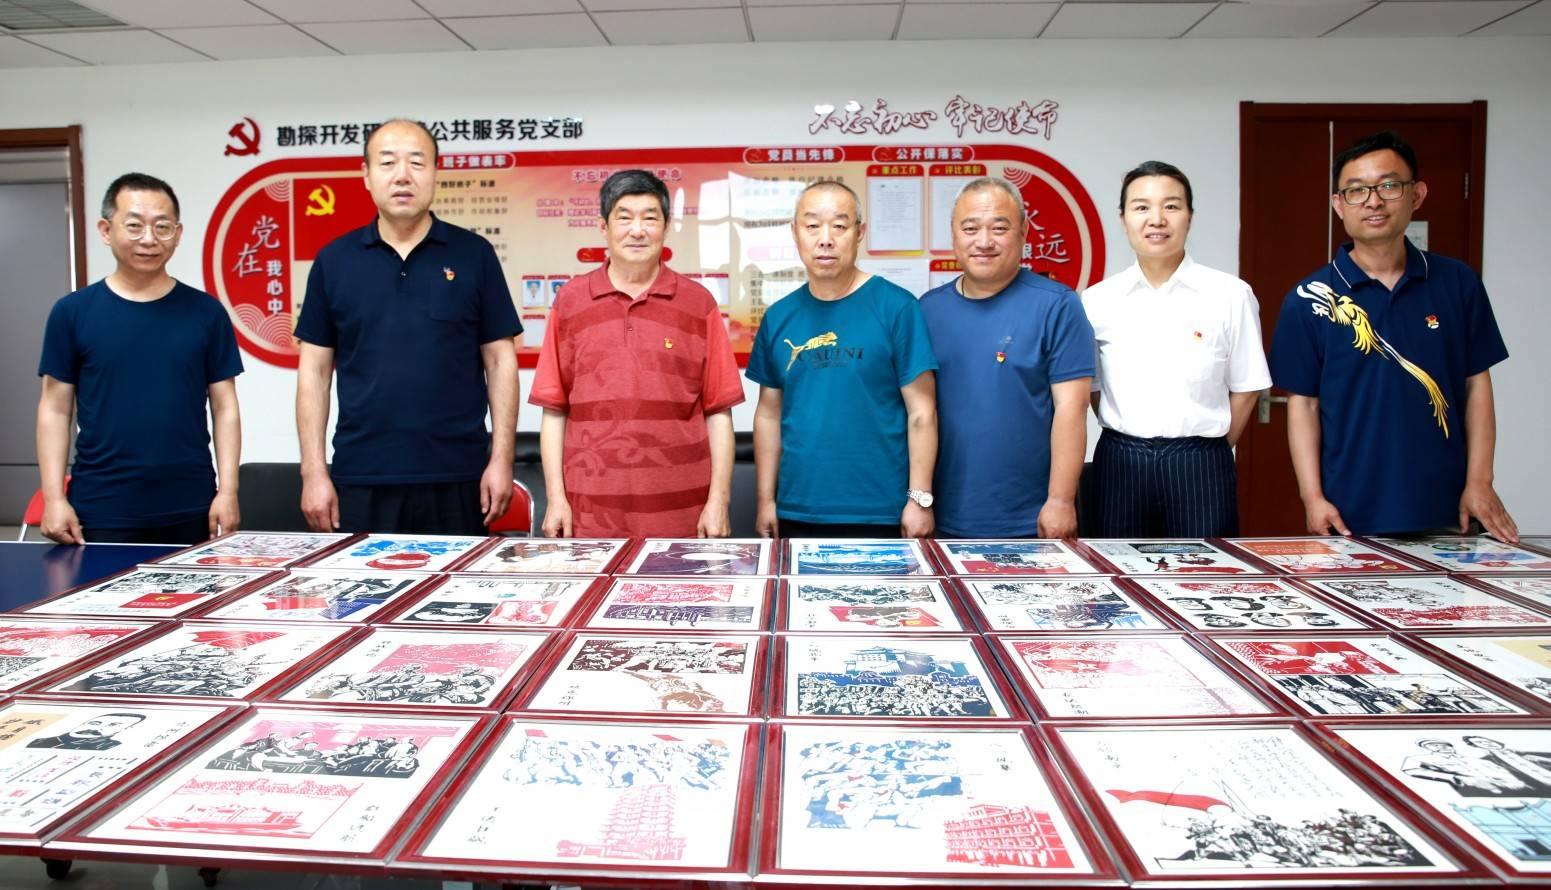 天津滨海:主题党日有特色 党史学习明初心